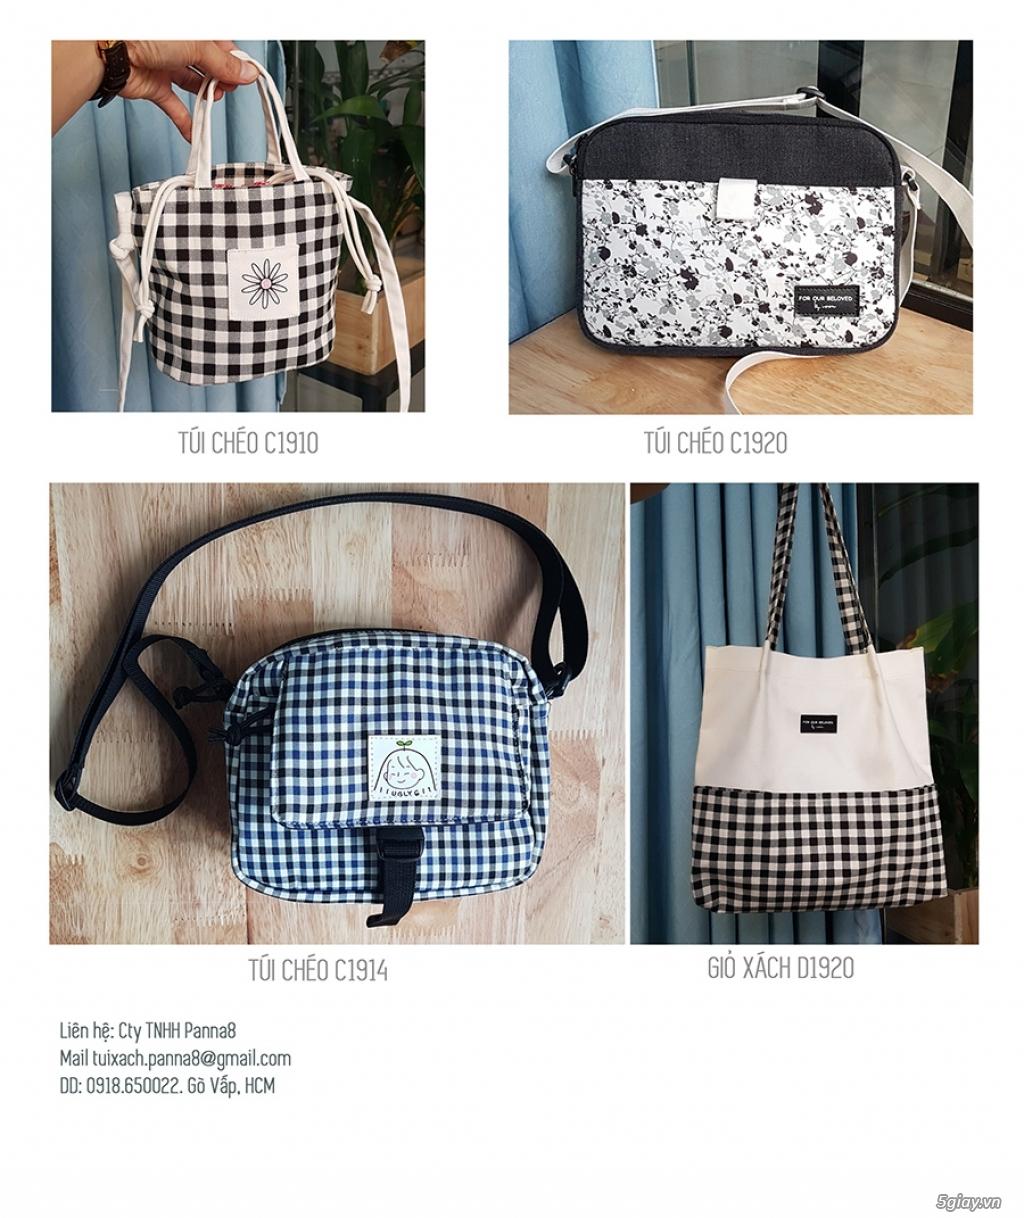 Tuyển đại lý thời trang Balo túi xách - Công ty Panna8 - 1